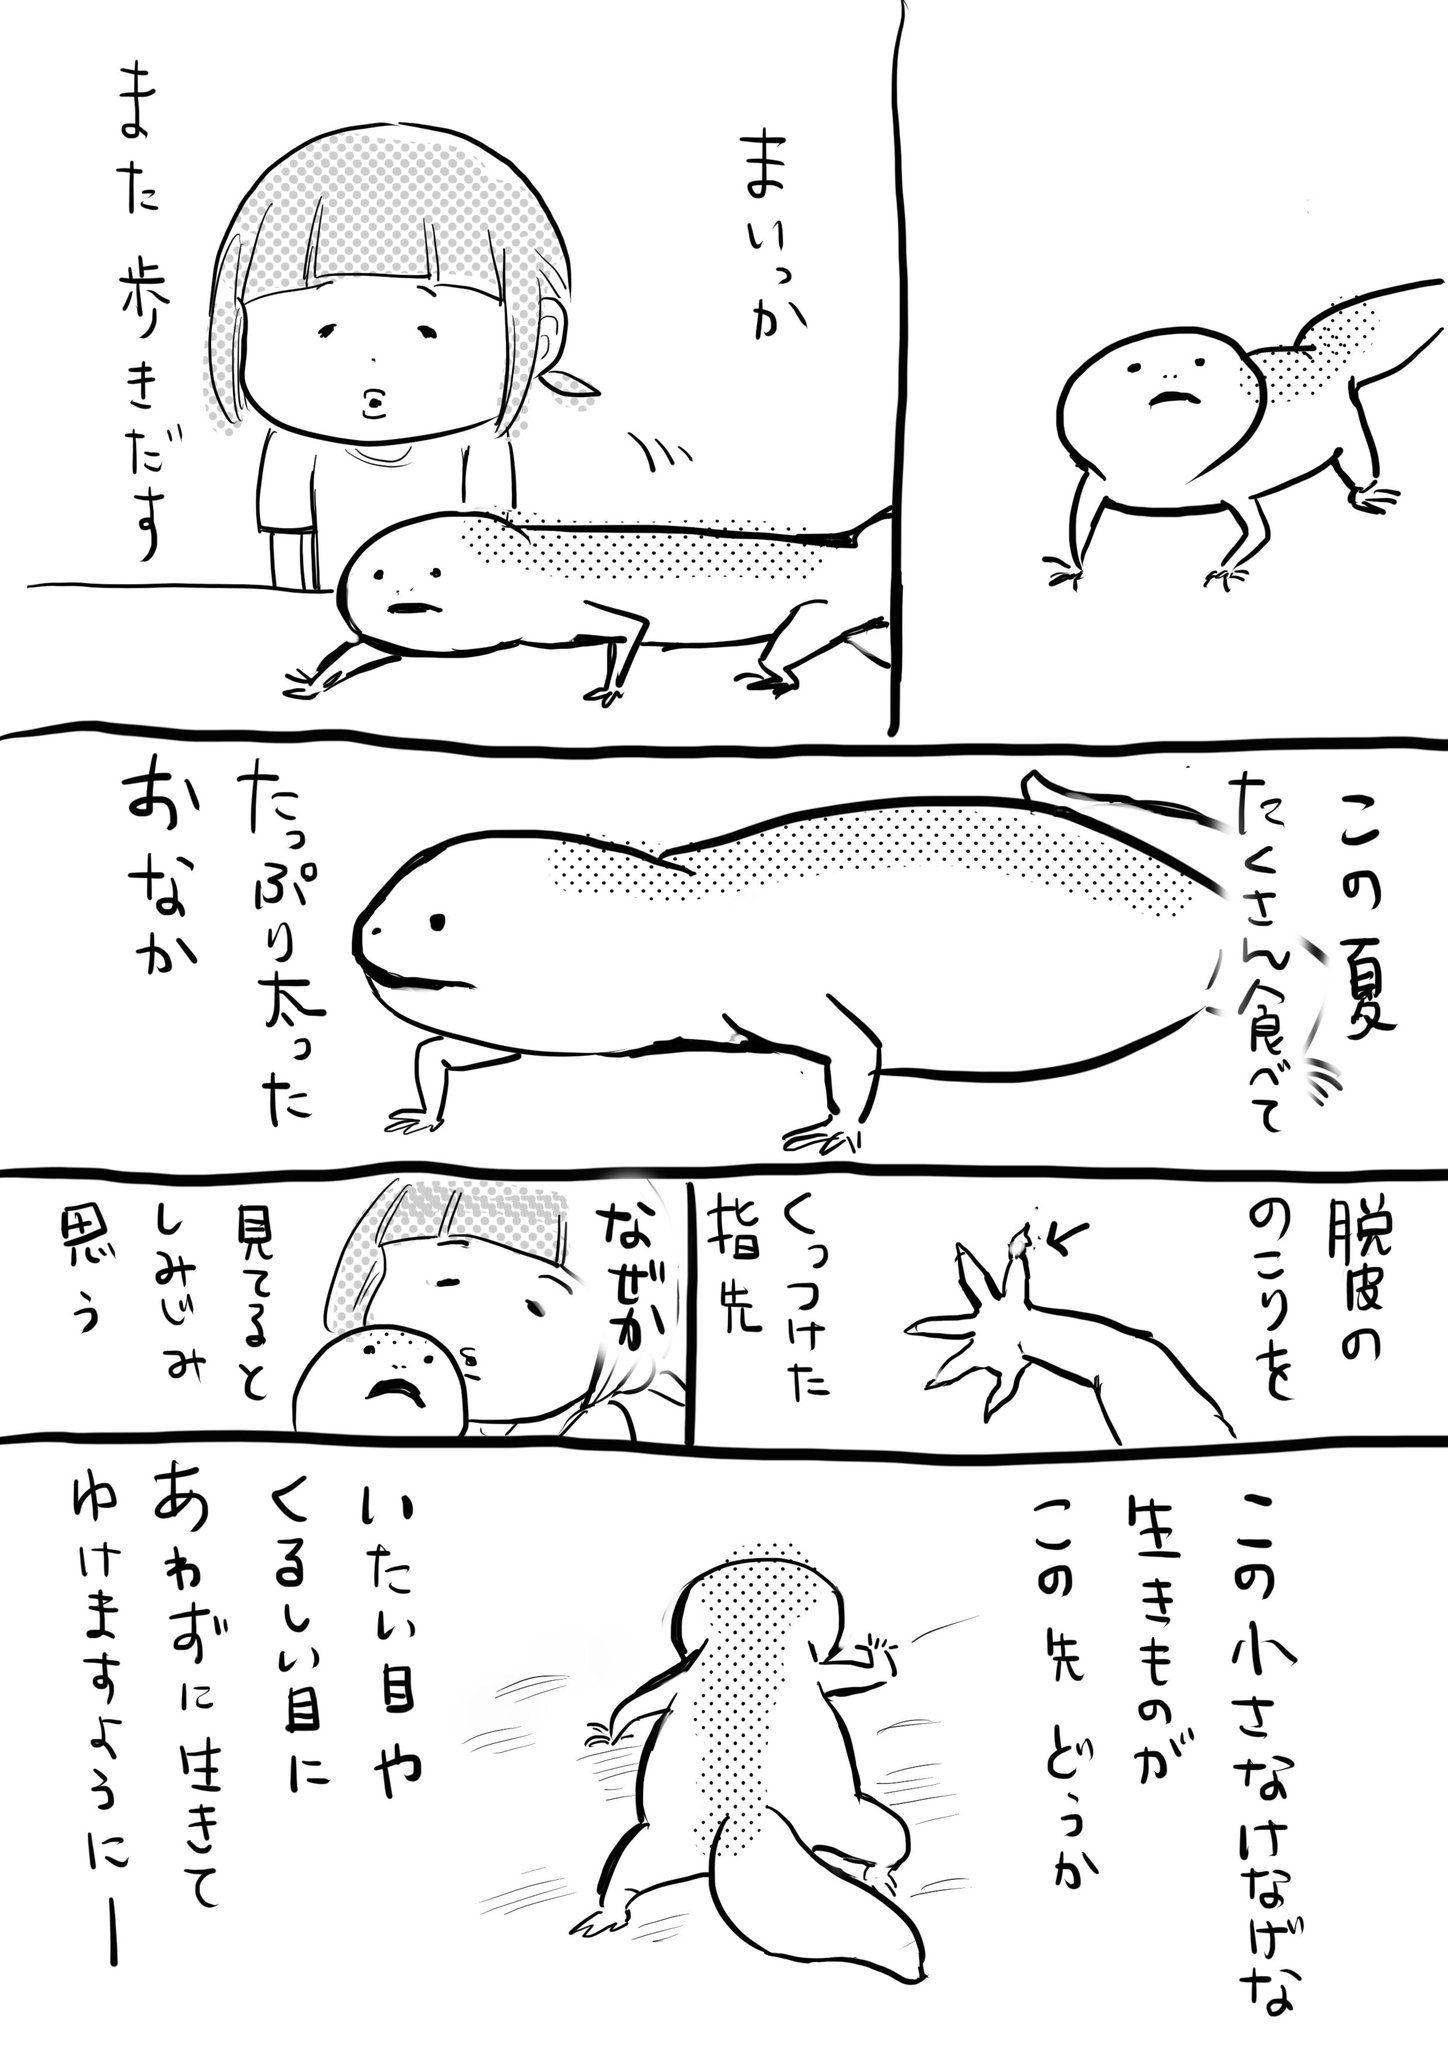 犬と猫 おしゃれまとめの人気アイデア pinterest 充 片桐 松本ひで吉 漫画 ひで